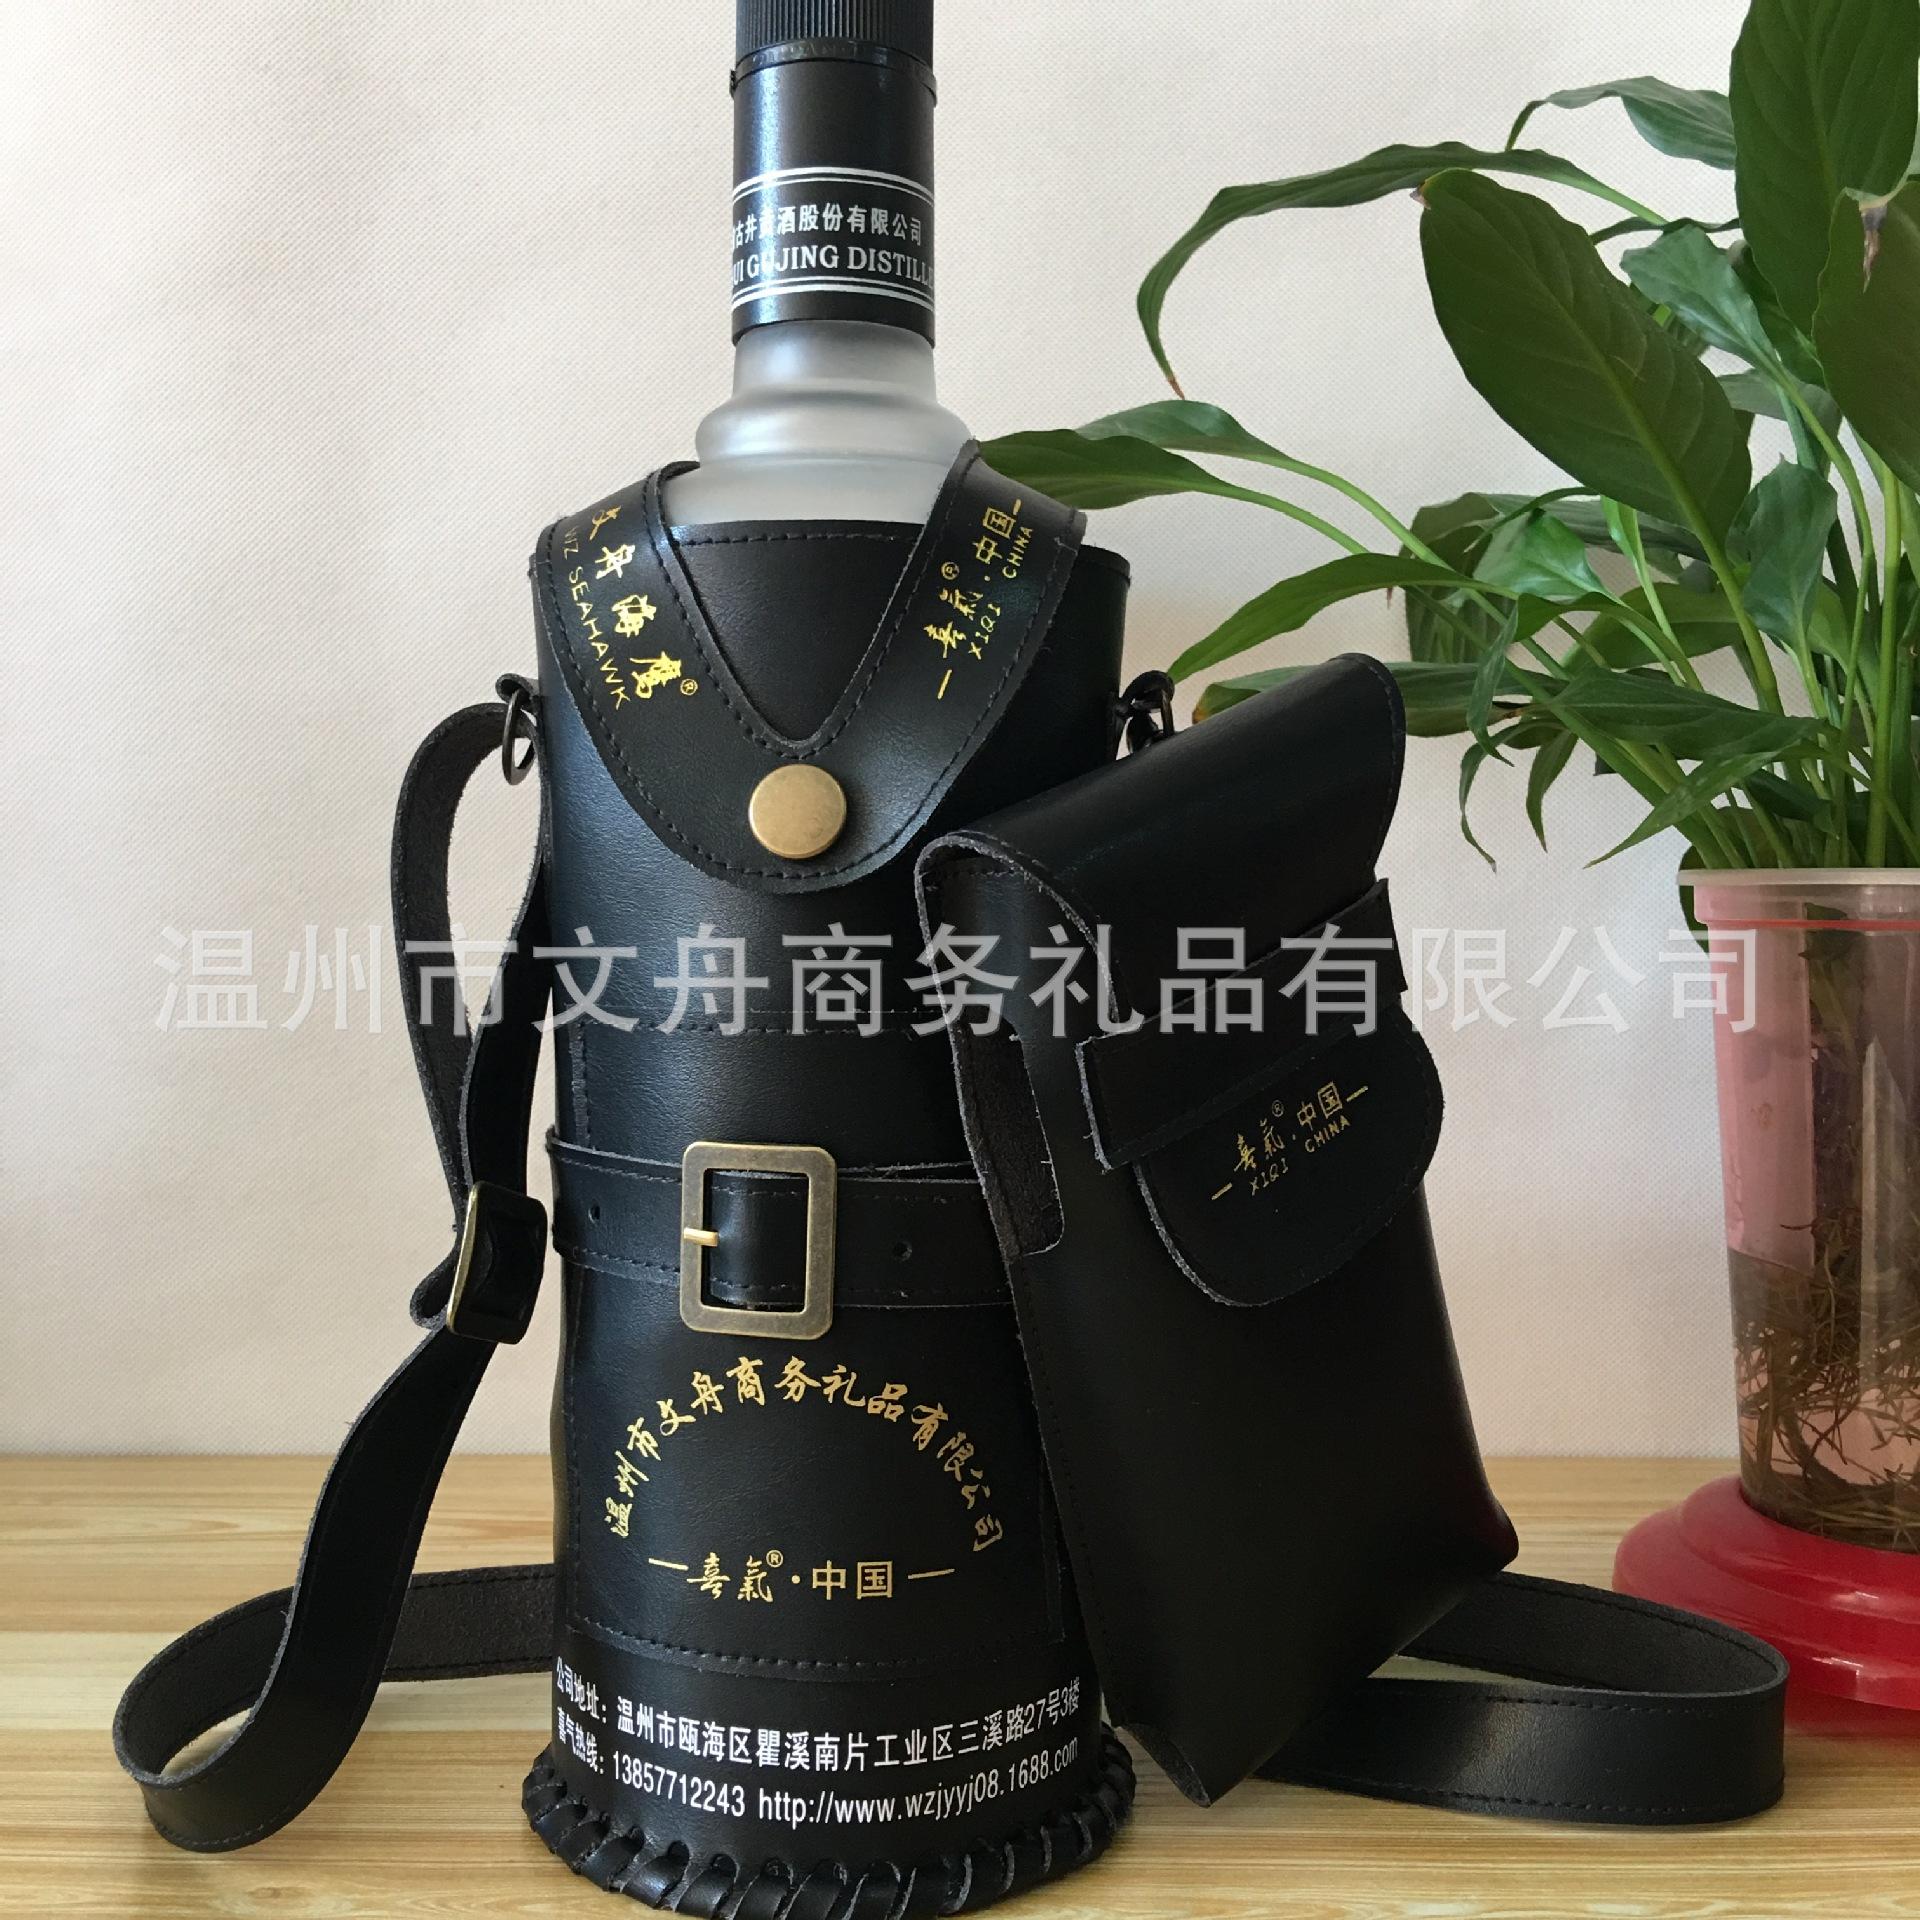 厂家直供复古PU酒瓶袋便携多功能PU酒瓶套杯套真皮酒瓶套带手机套